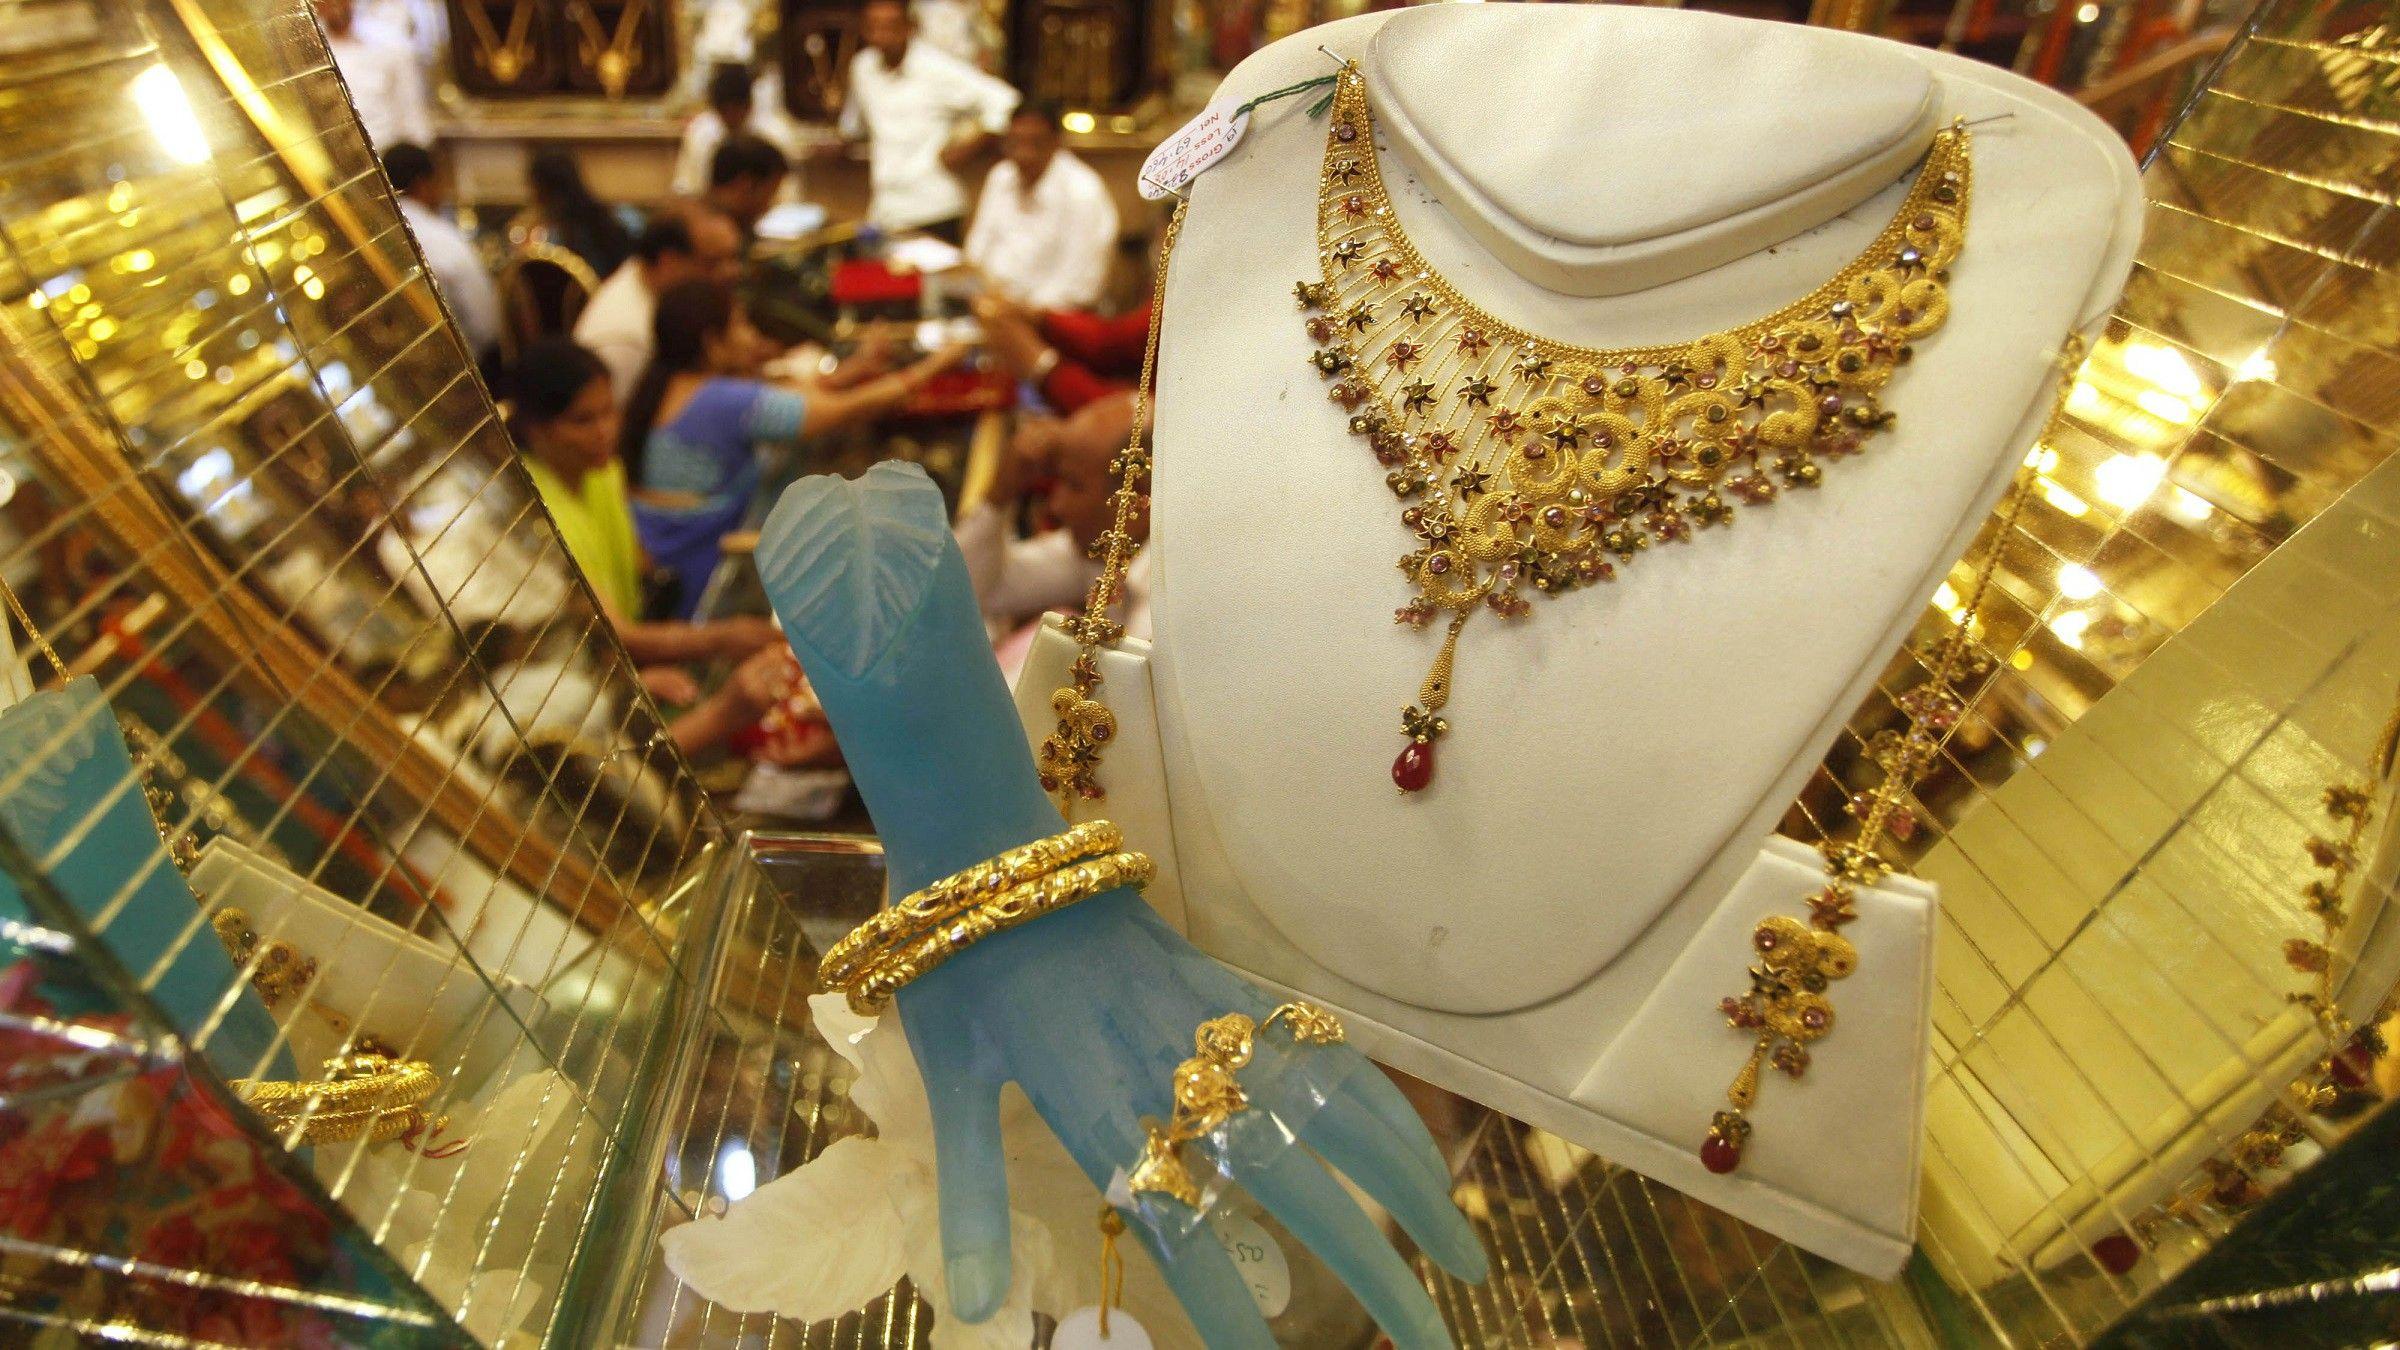 8 ग्रॅम गिन्नीचा भाव 27,400 रुपये आहे. शनिवारी ( 13 जुलै ) सोनं 170 रुपयांनी वाढलं. ते 35,570 रुपये प्रति 10 ग्रॅम झालं होतं तर चांदी 175 रुपयांच्या वृद्धीनं 39,200 रुपये प्रति किलोग्रॅम होती.